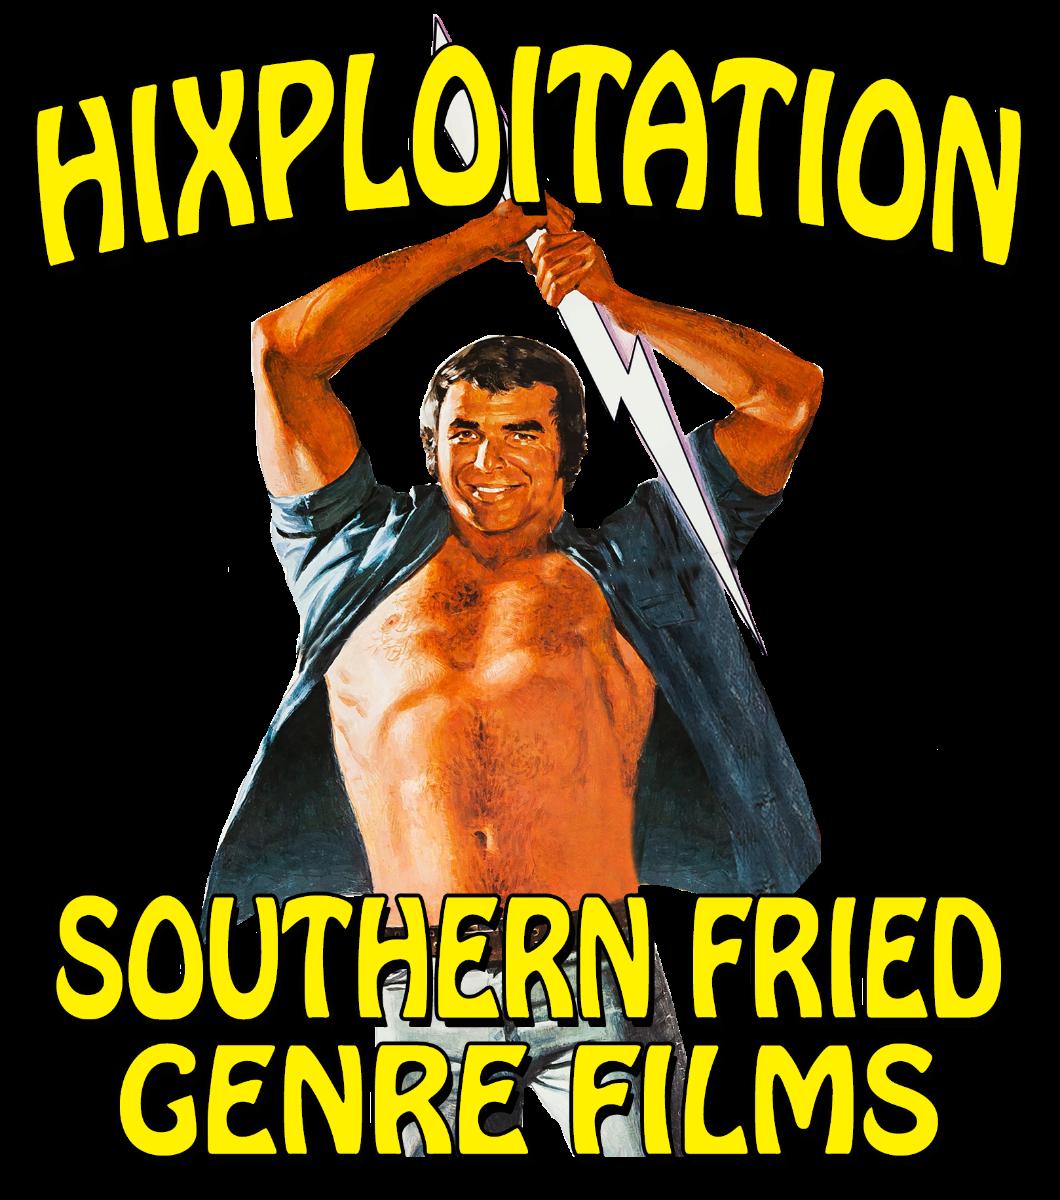 Hixploitation